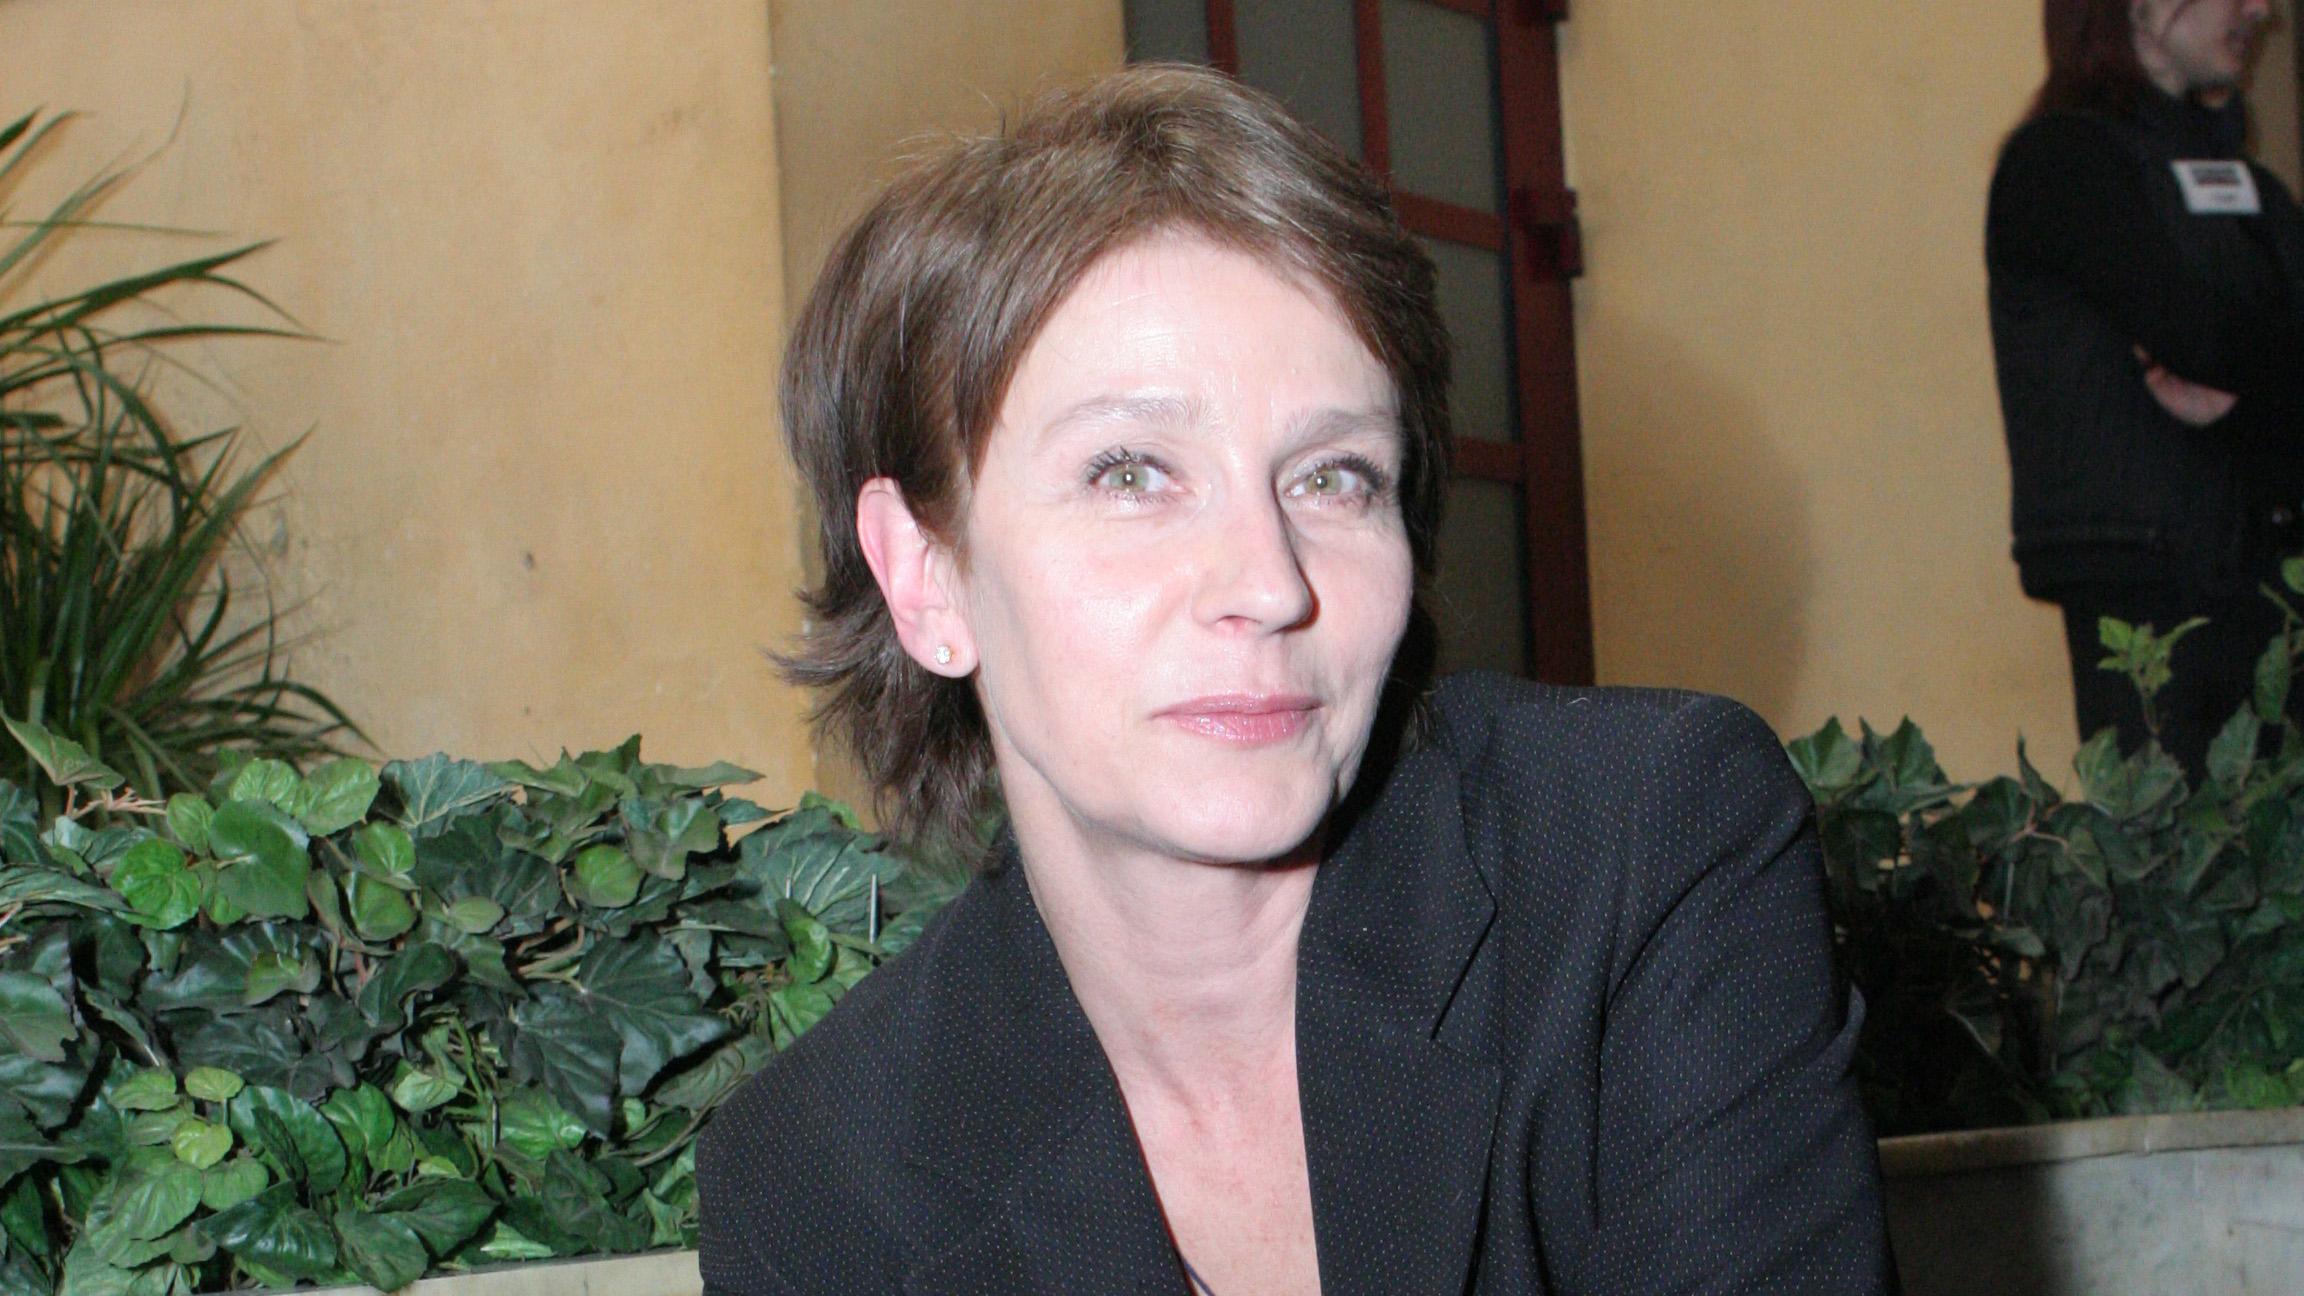 У неё ковида нет: Директор Елены Сафоновой опровергла информацию о госпитализации звезды Зимней вишни